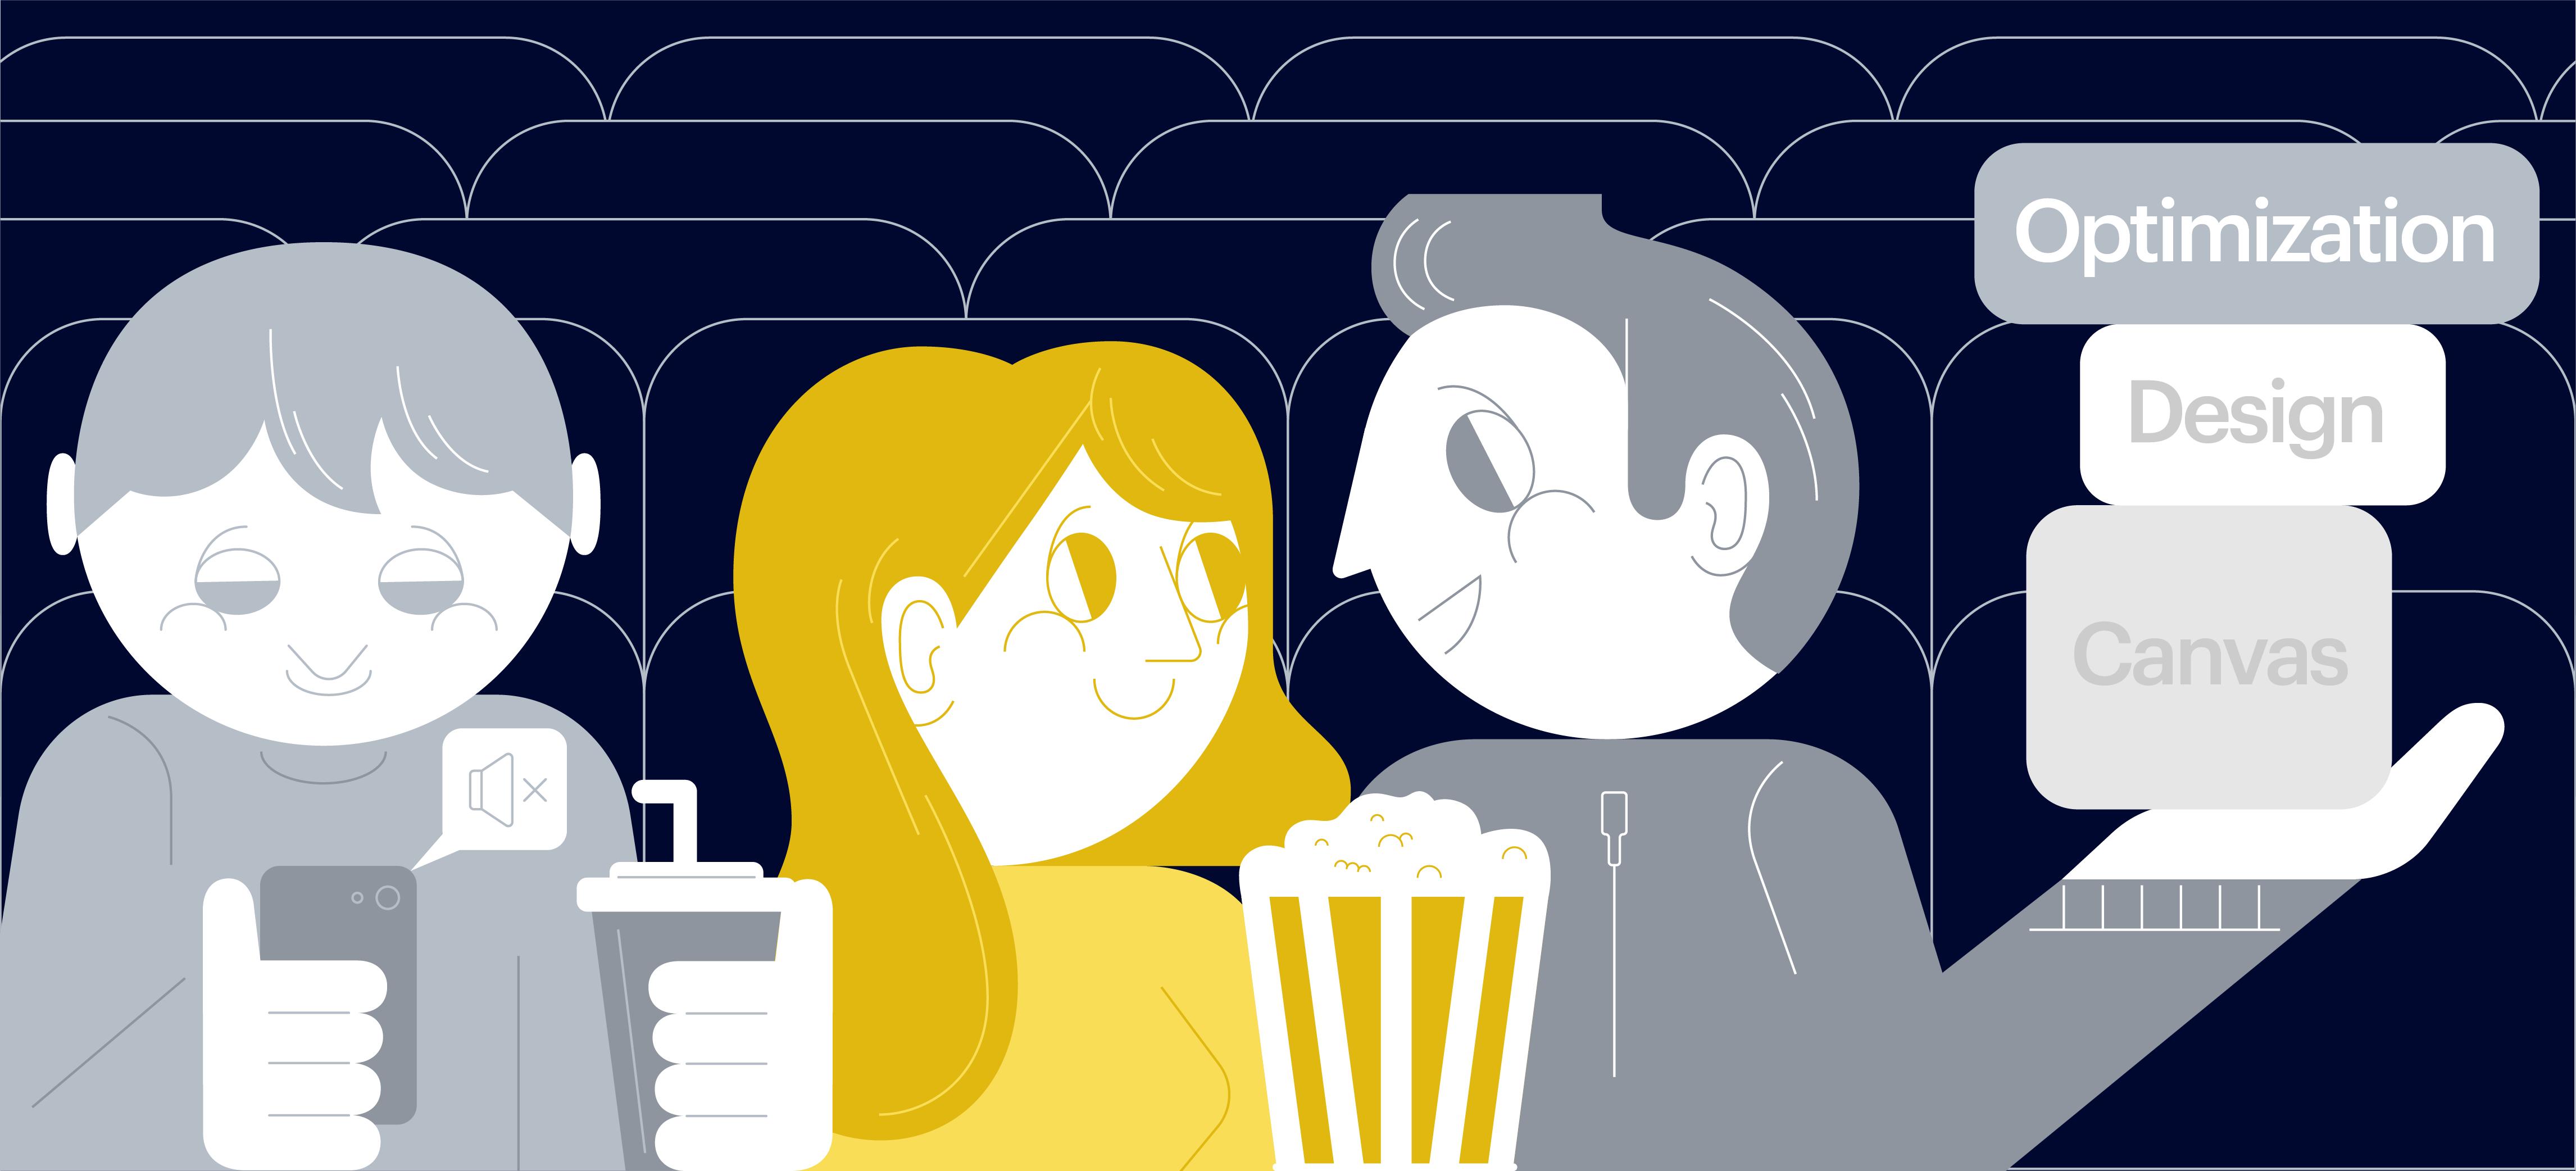 Делаем схему выбора мест в кинозале на React: о canvas, красивом дизайне и оптимизации - 1